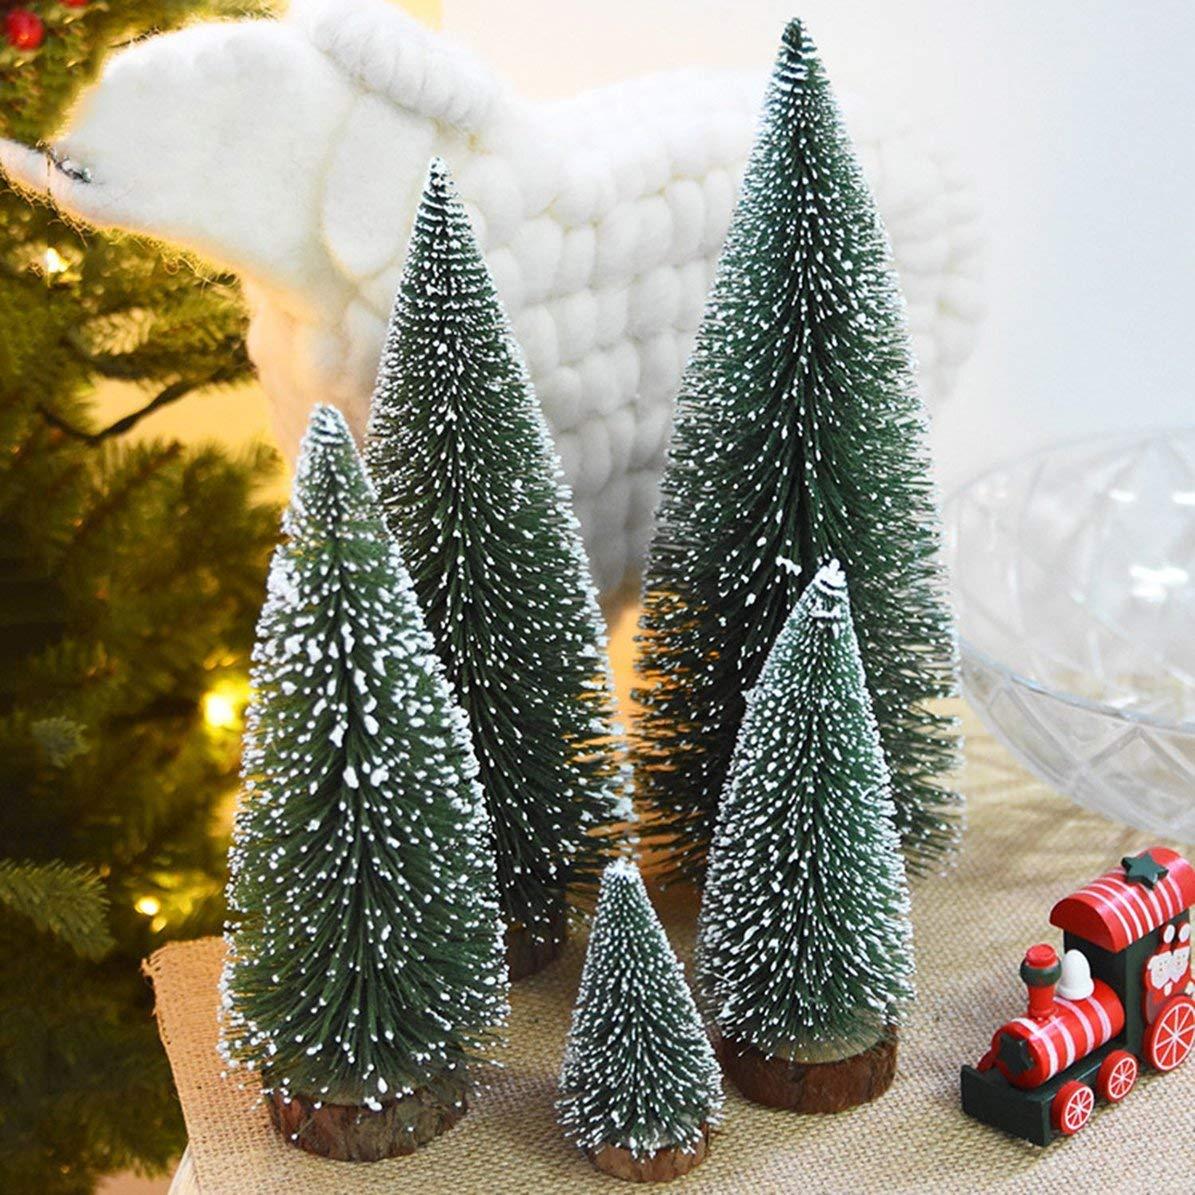 DoMoment Alberi di Natale Artificiali Mini Christmas Decoration Supplies Small Simulation Plant Snowy Desktop Alberi di Natale